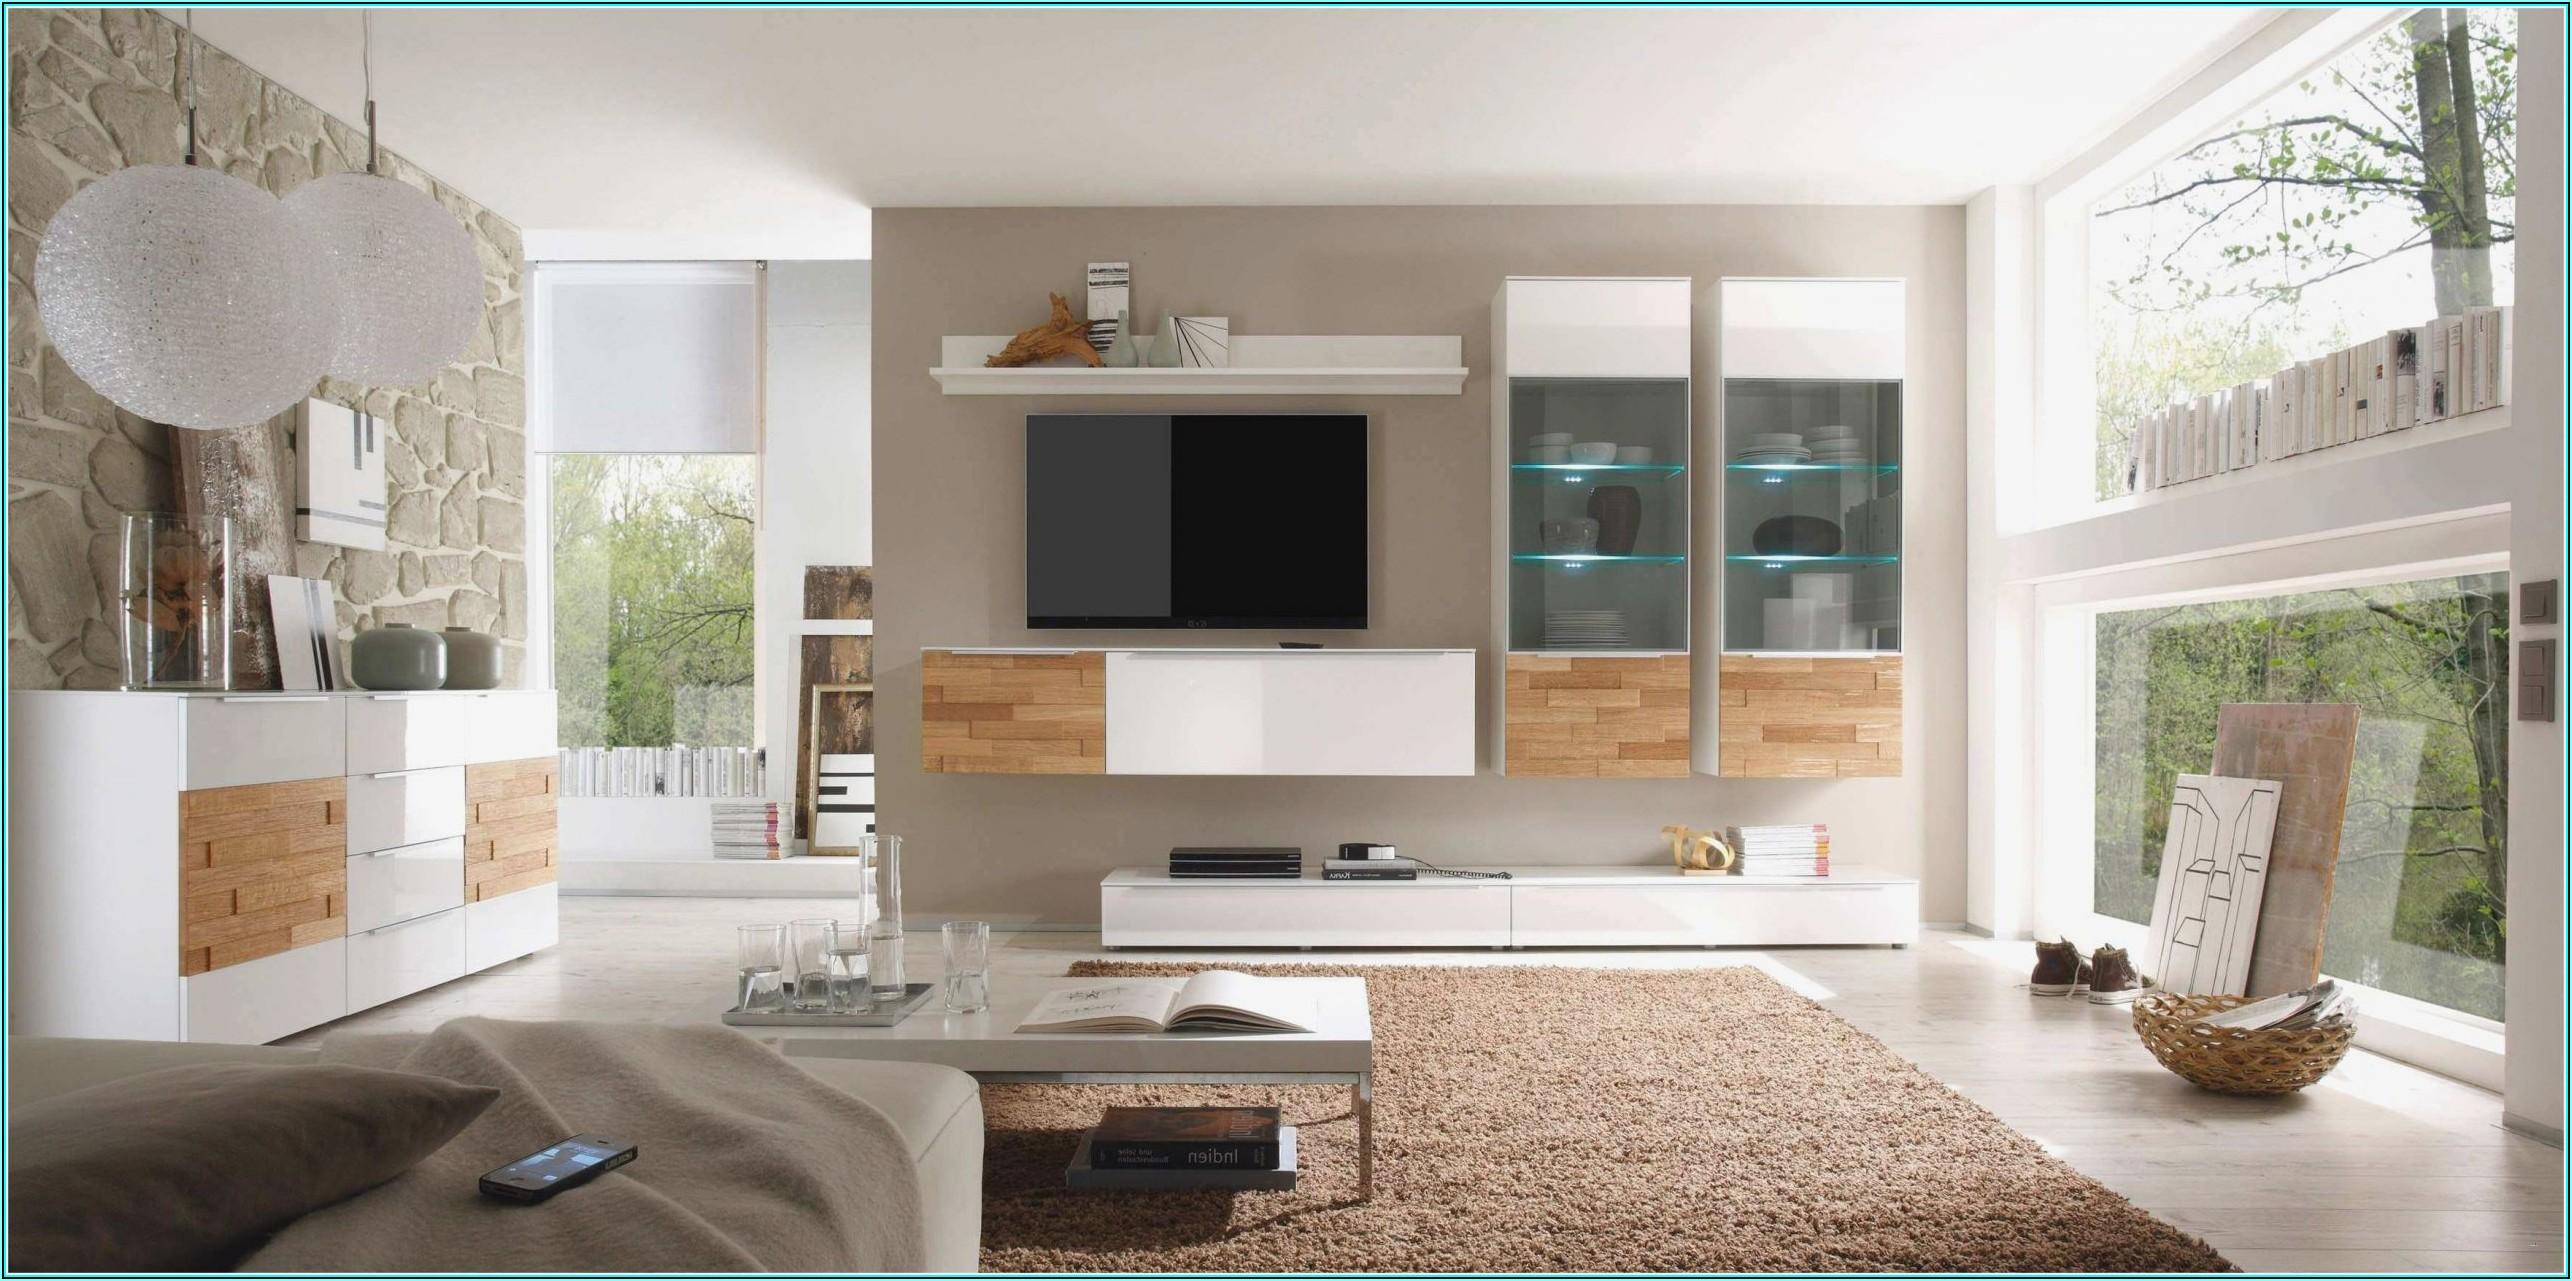 Bilder Zu Wohnzimmergestaltung